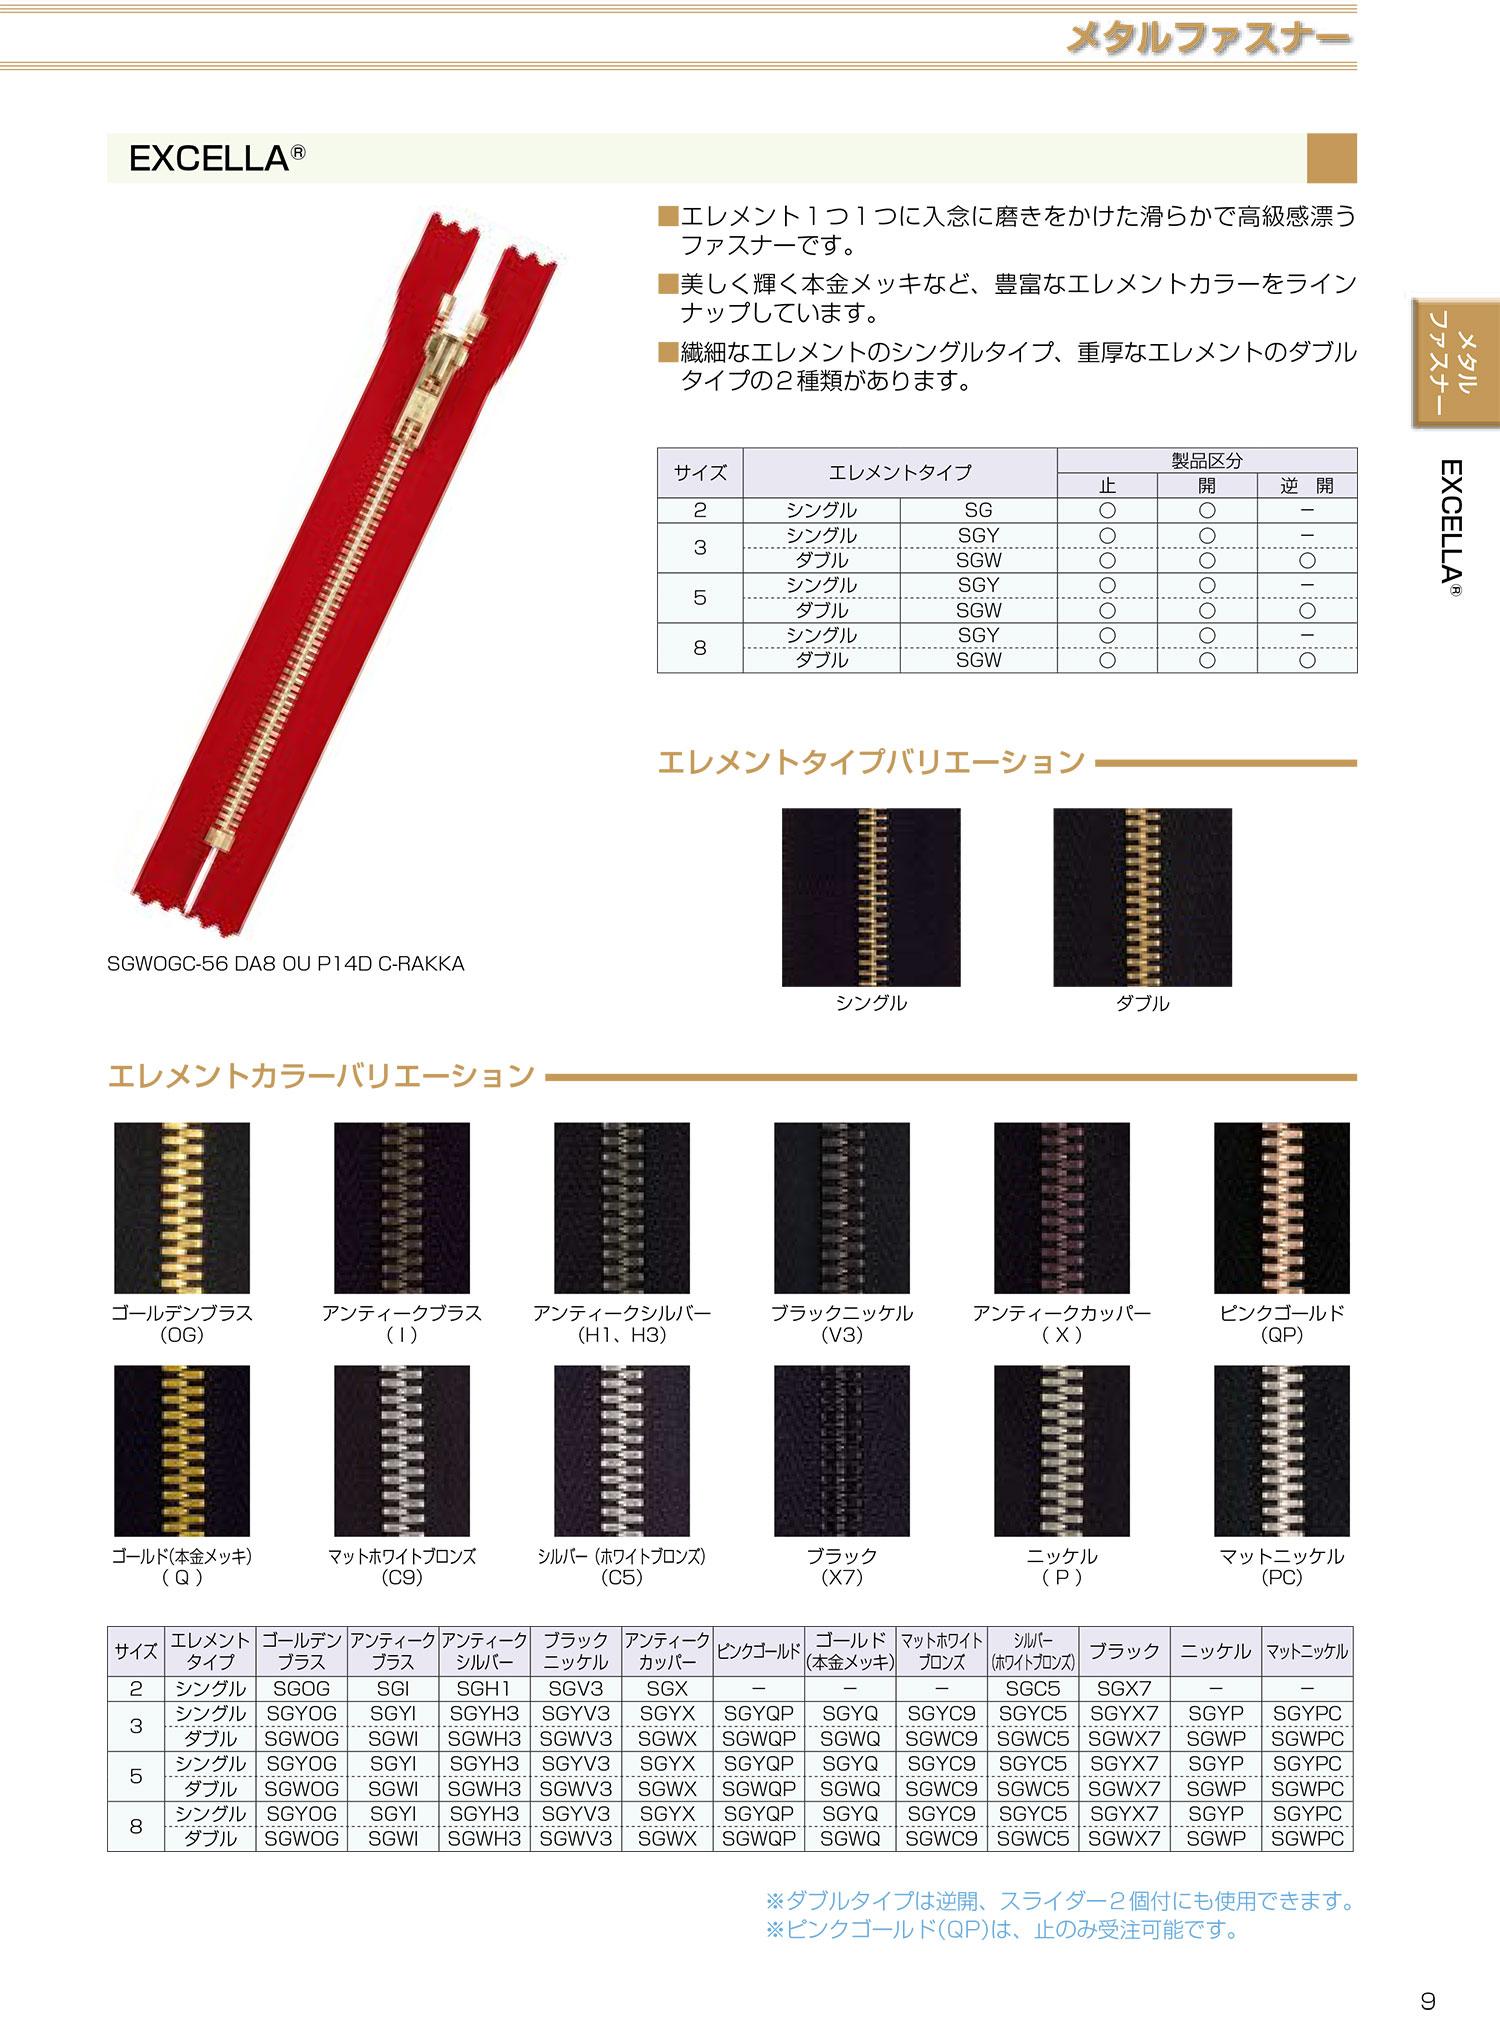 8SGWX7C エクセラ 8サイズ ブラック 止め ダブル[ファスナー] YKK/オークラ商事 - ApparelX アパレル資材卸通販